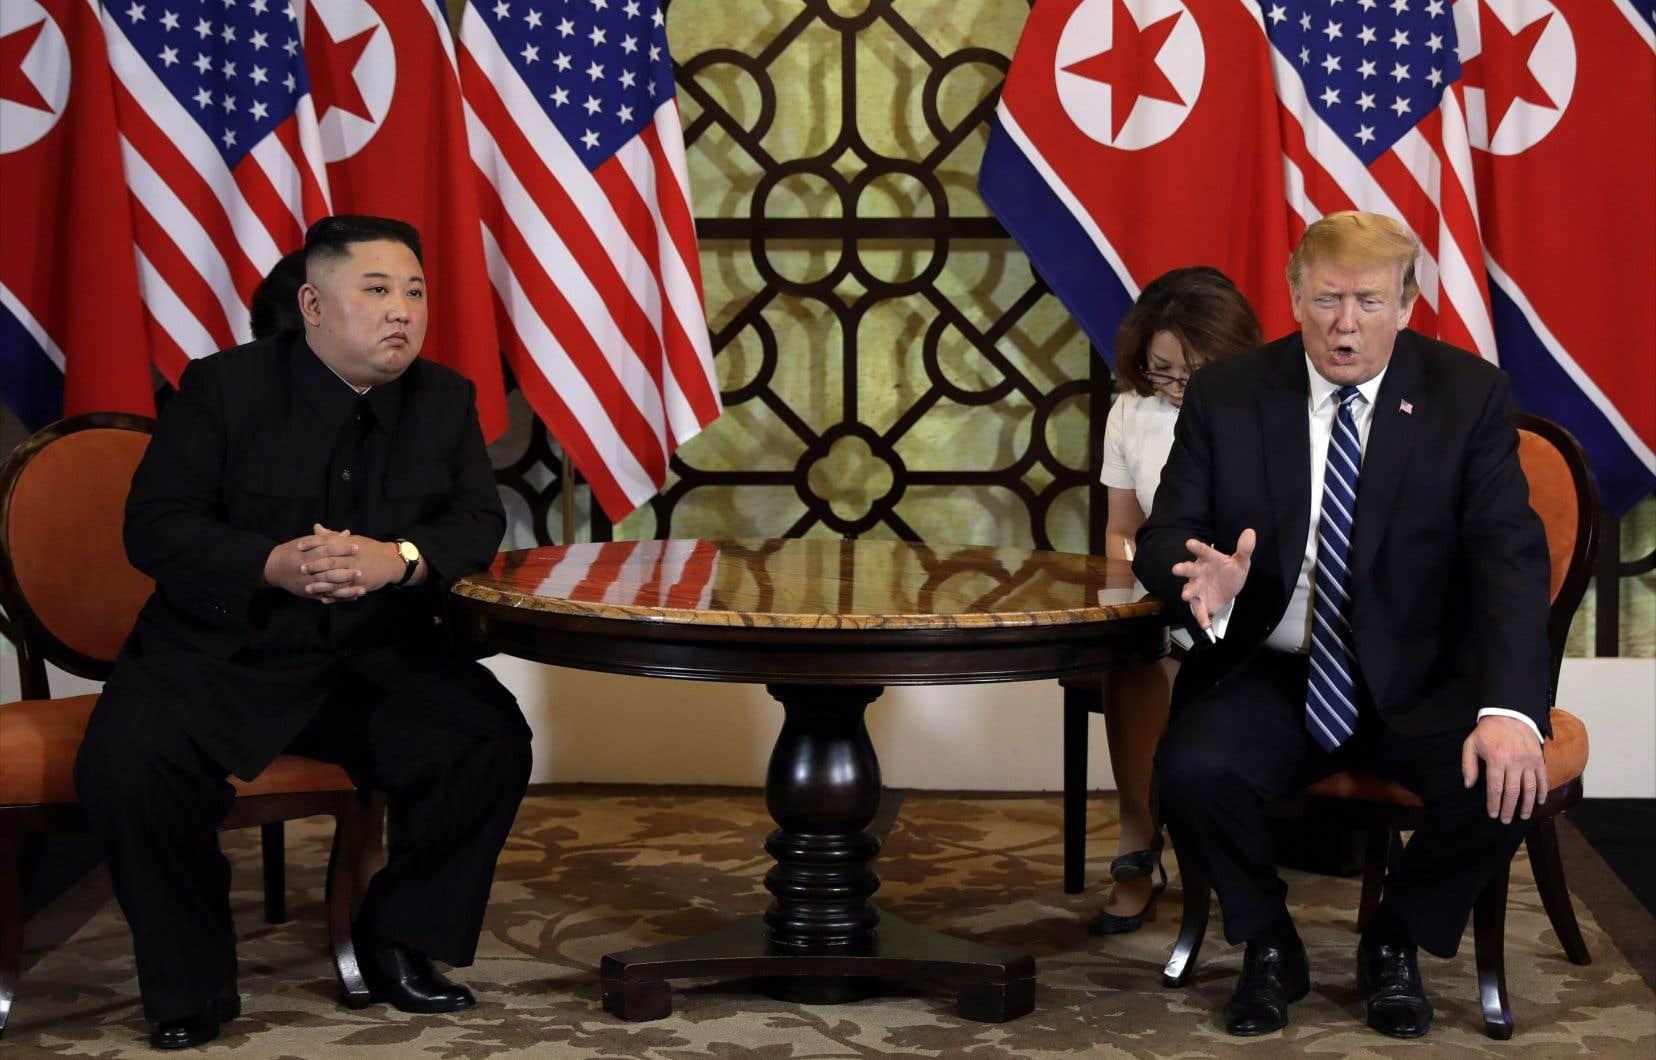 <p>Le dirigeant nord-coréen, Kim Jong-un, et le président des États-Unis, Donald Trump, n'ont pas réussià conclure un accord sur le désarmement atomique de la Corée du Nord.</p>